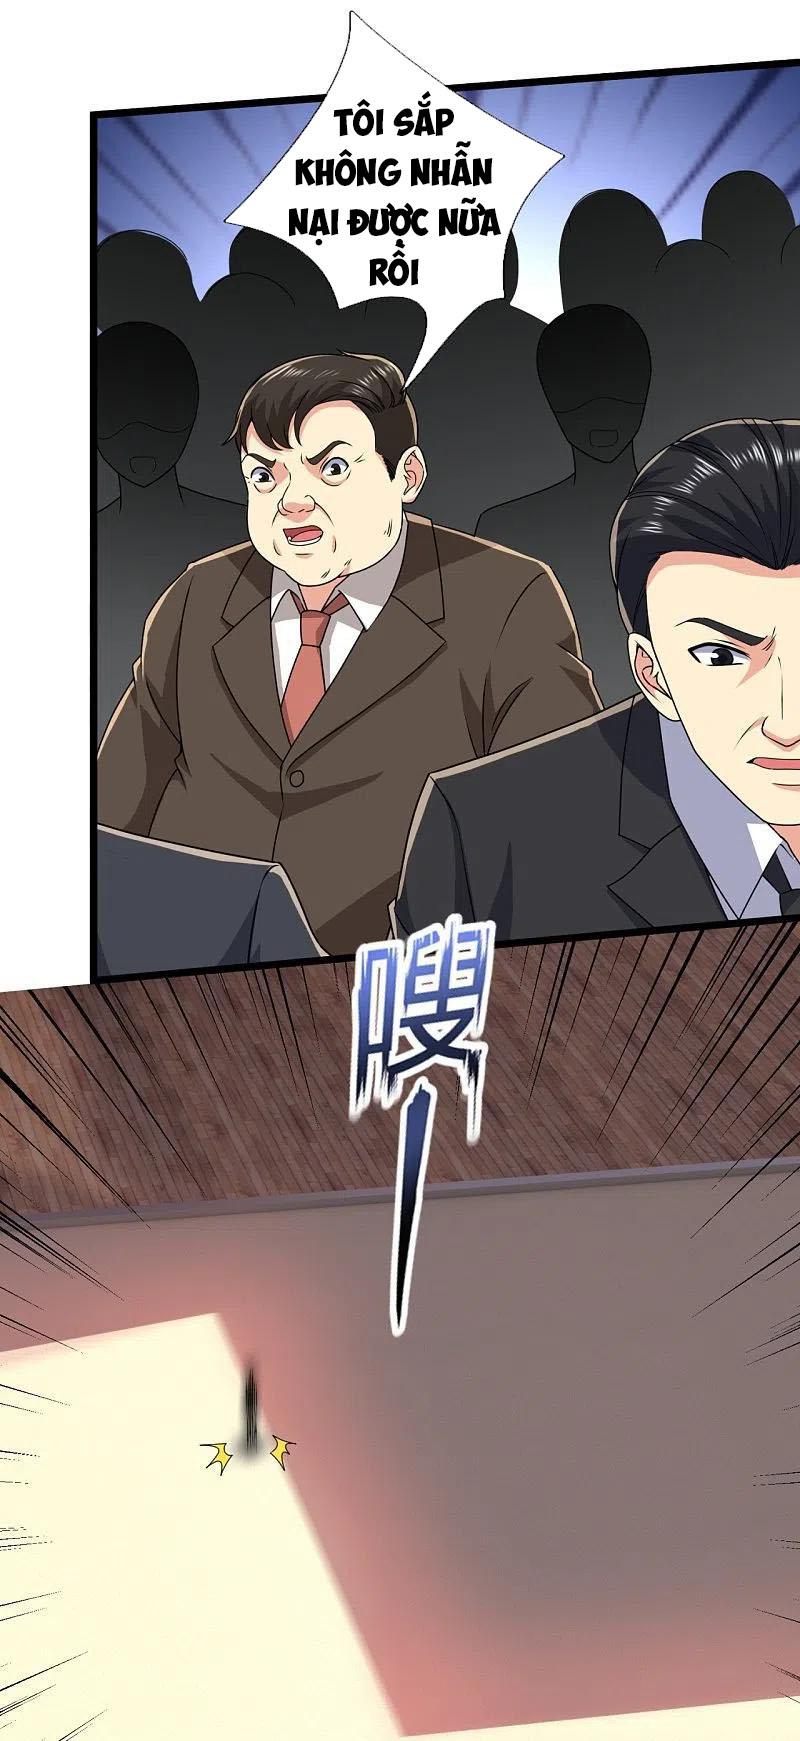 Ta Là Chiến Thần Vô Song Chương 143 - Vcomic.net